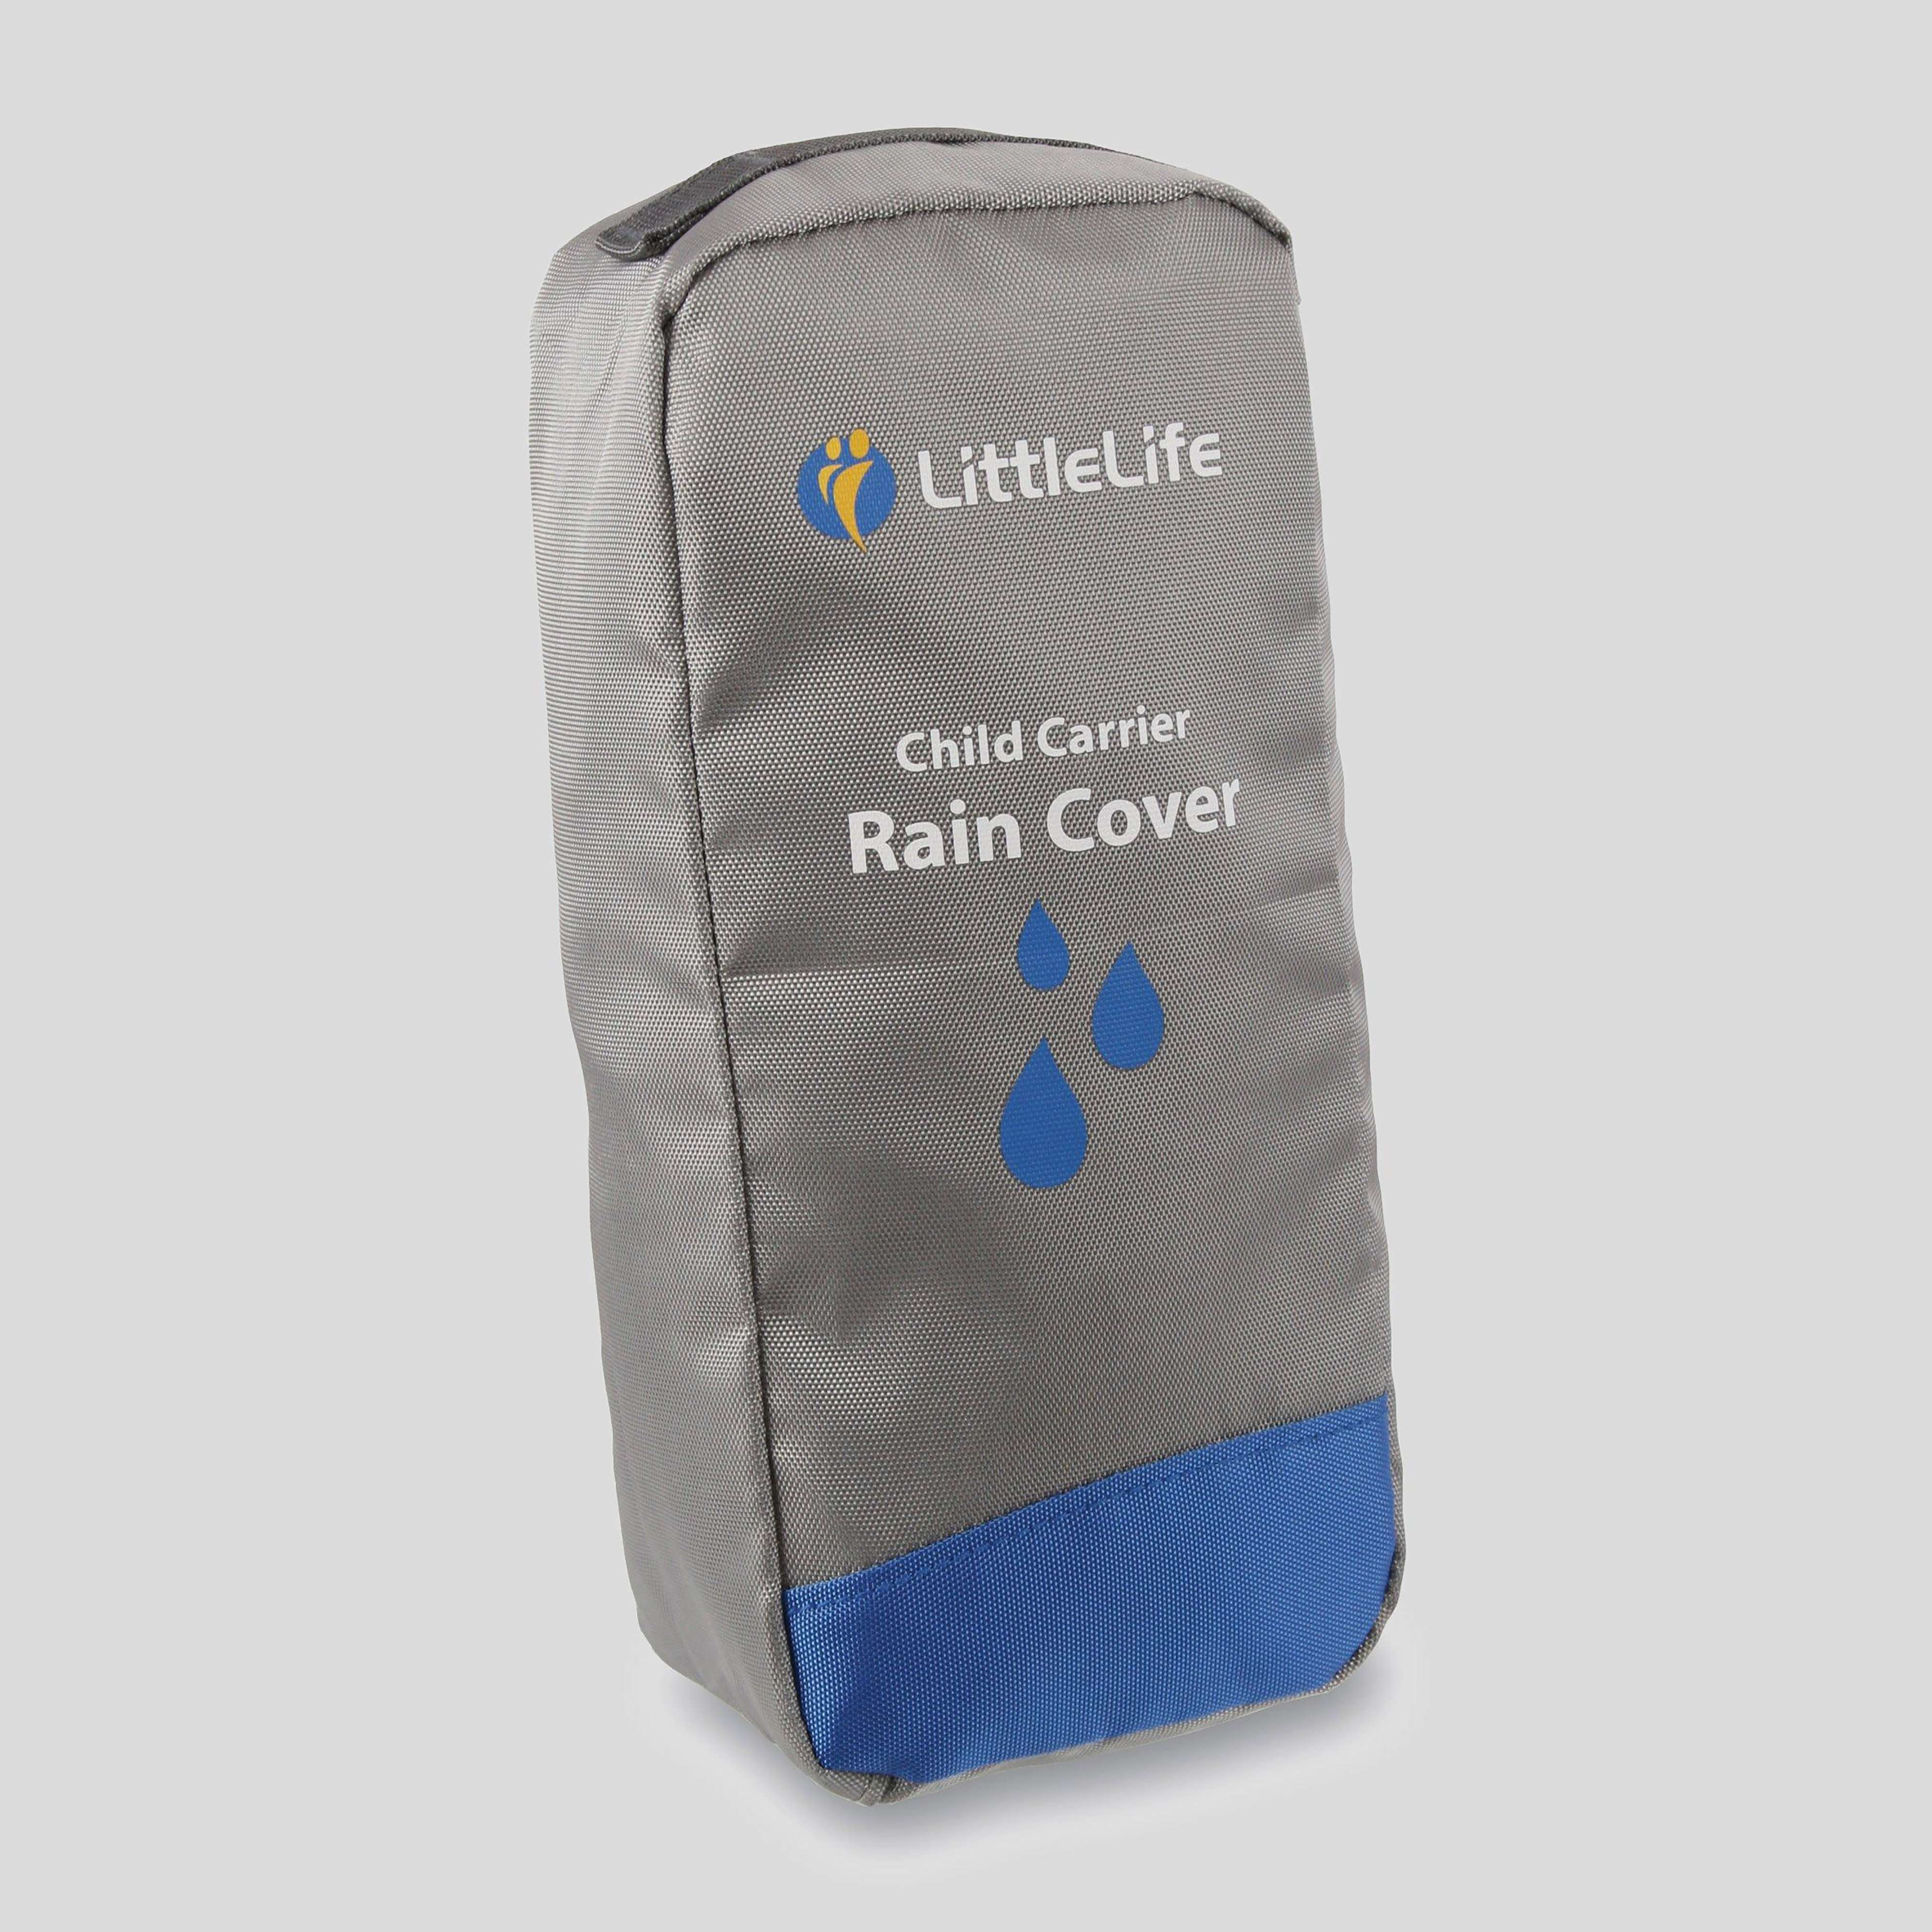 LITTLELIFE Child Carrier Rain Cover